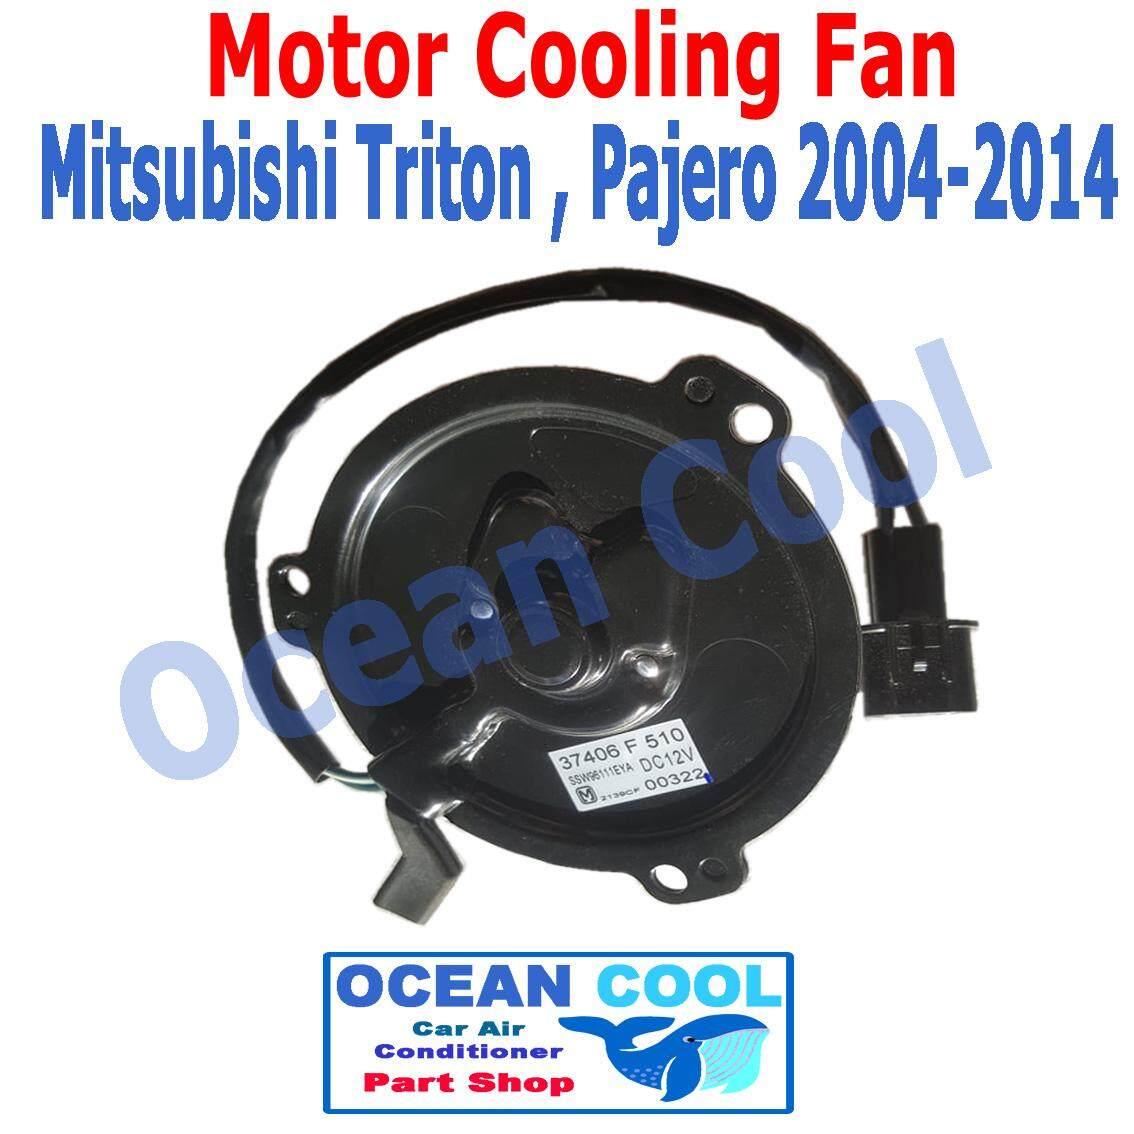 มอเตอร์ พัดลม แท้ มิตซูบิชิ ไทรทัน , ปาเจโร่  ปี 2004 - 2014   ระบายความร้อน แผงแอร์  มอเตอร์พัดลมแอร์  เป่า แผงแอร์ Motor Cooling Fan   Mitsubishi Triton ,  Pajero  2005 2006 2007 2008 2009 2010 2011 2012 2013  Ocean Cool Cf0020 อะไหล่ แอร์ รถยนต์.